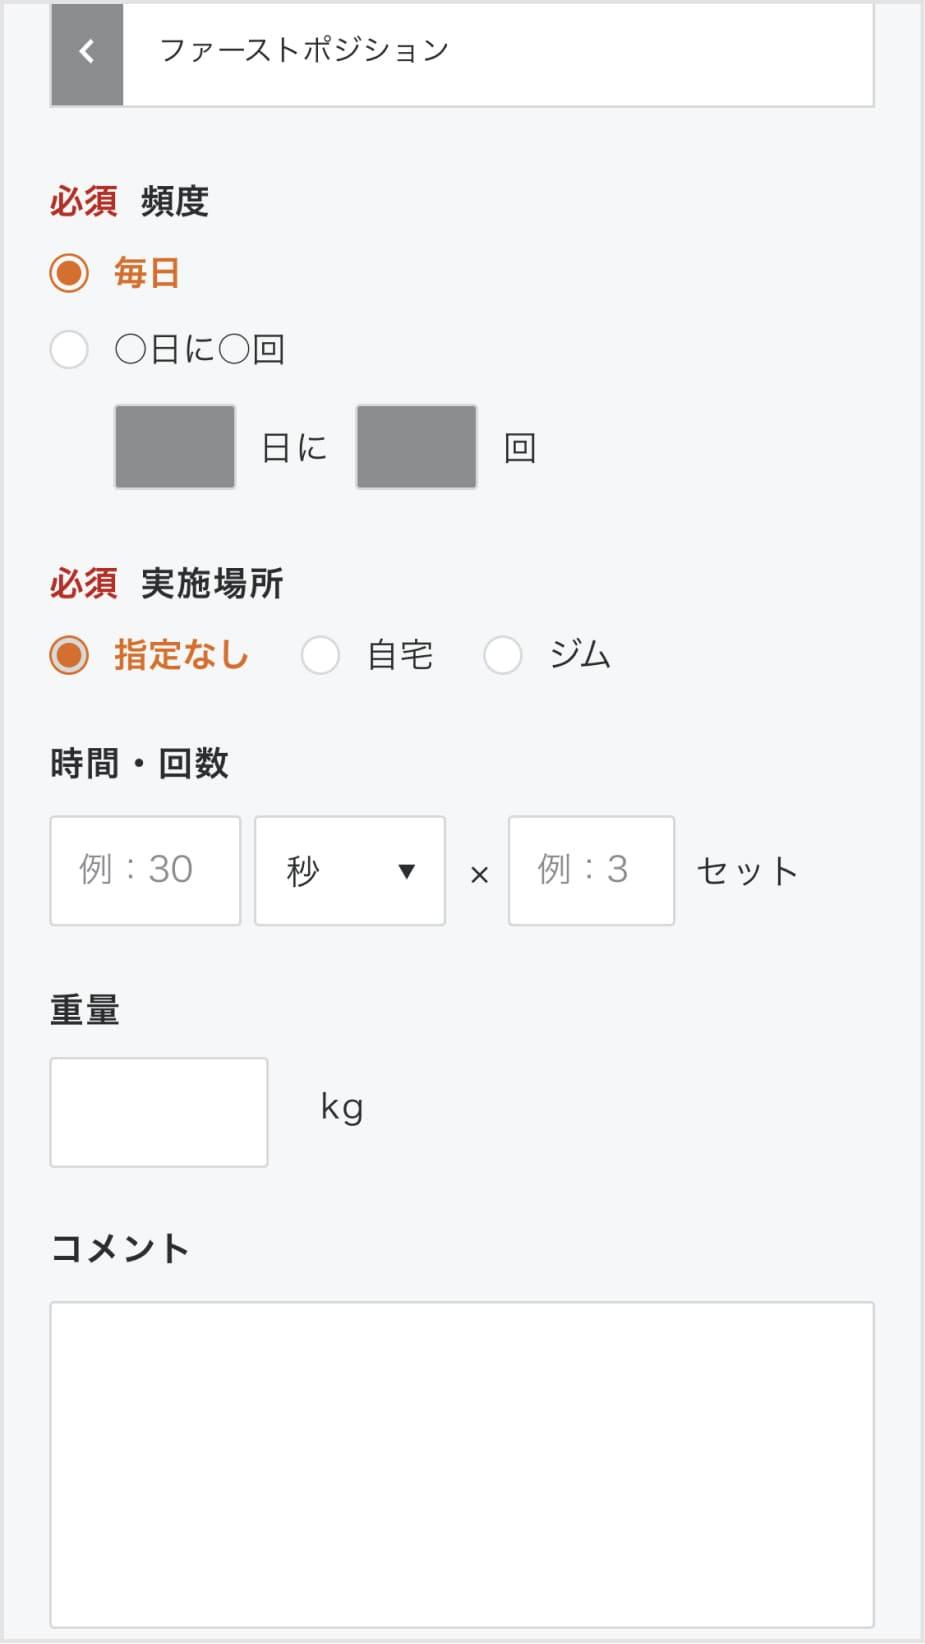 スマホ画面のキャプチャ画像:エクササイズプログラムのページ